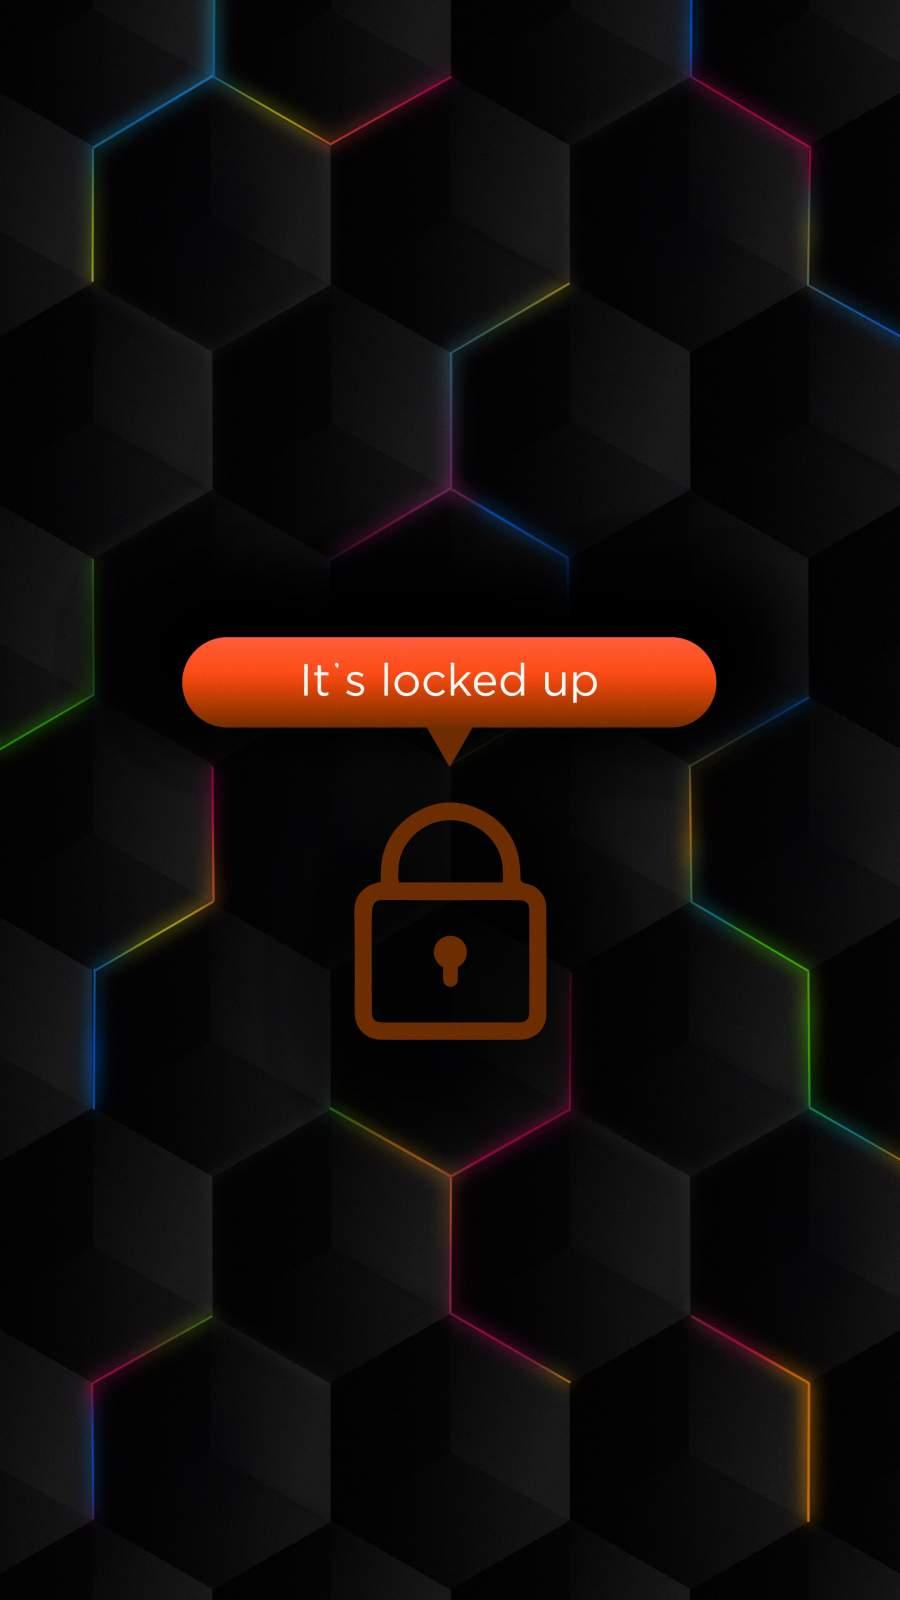 IT is Locked